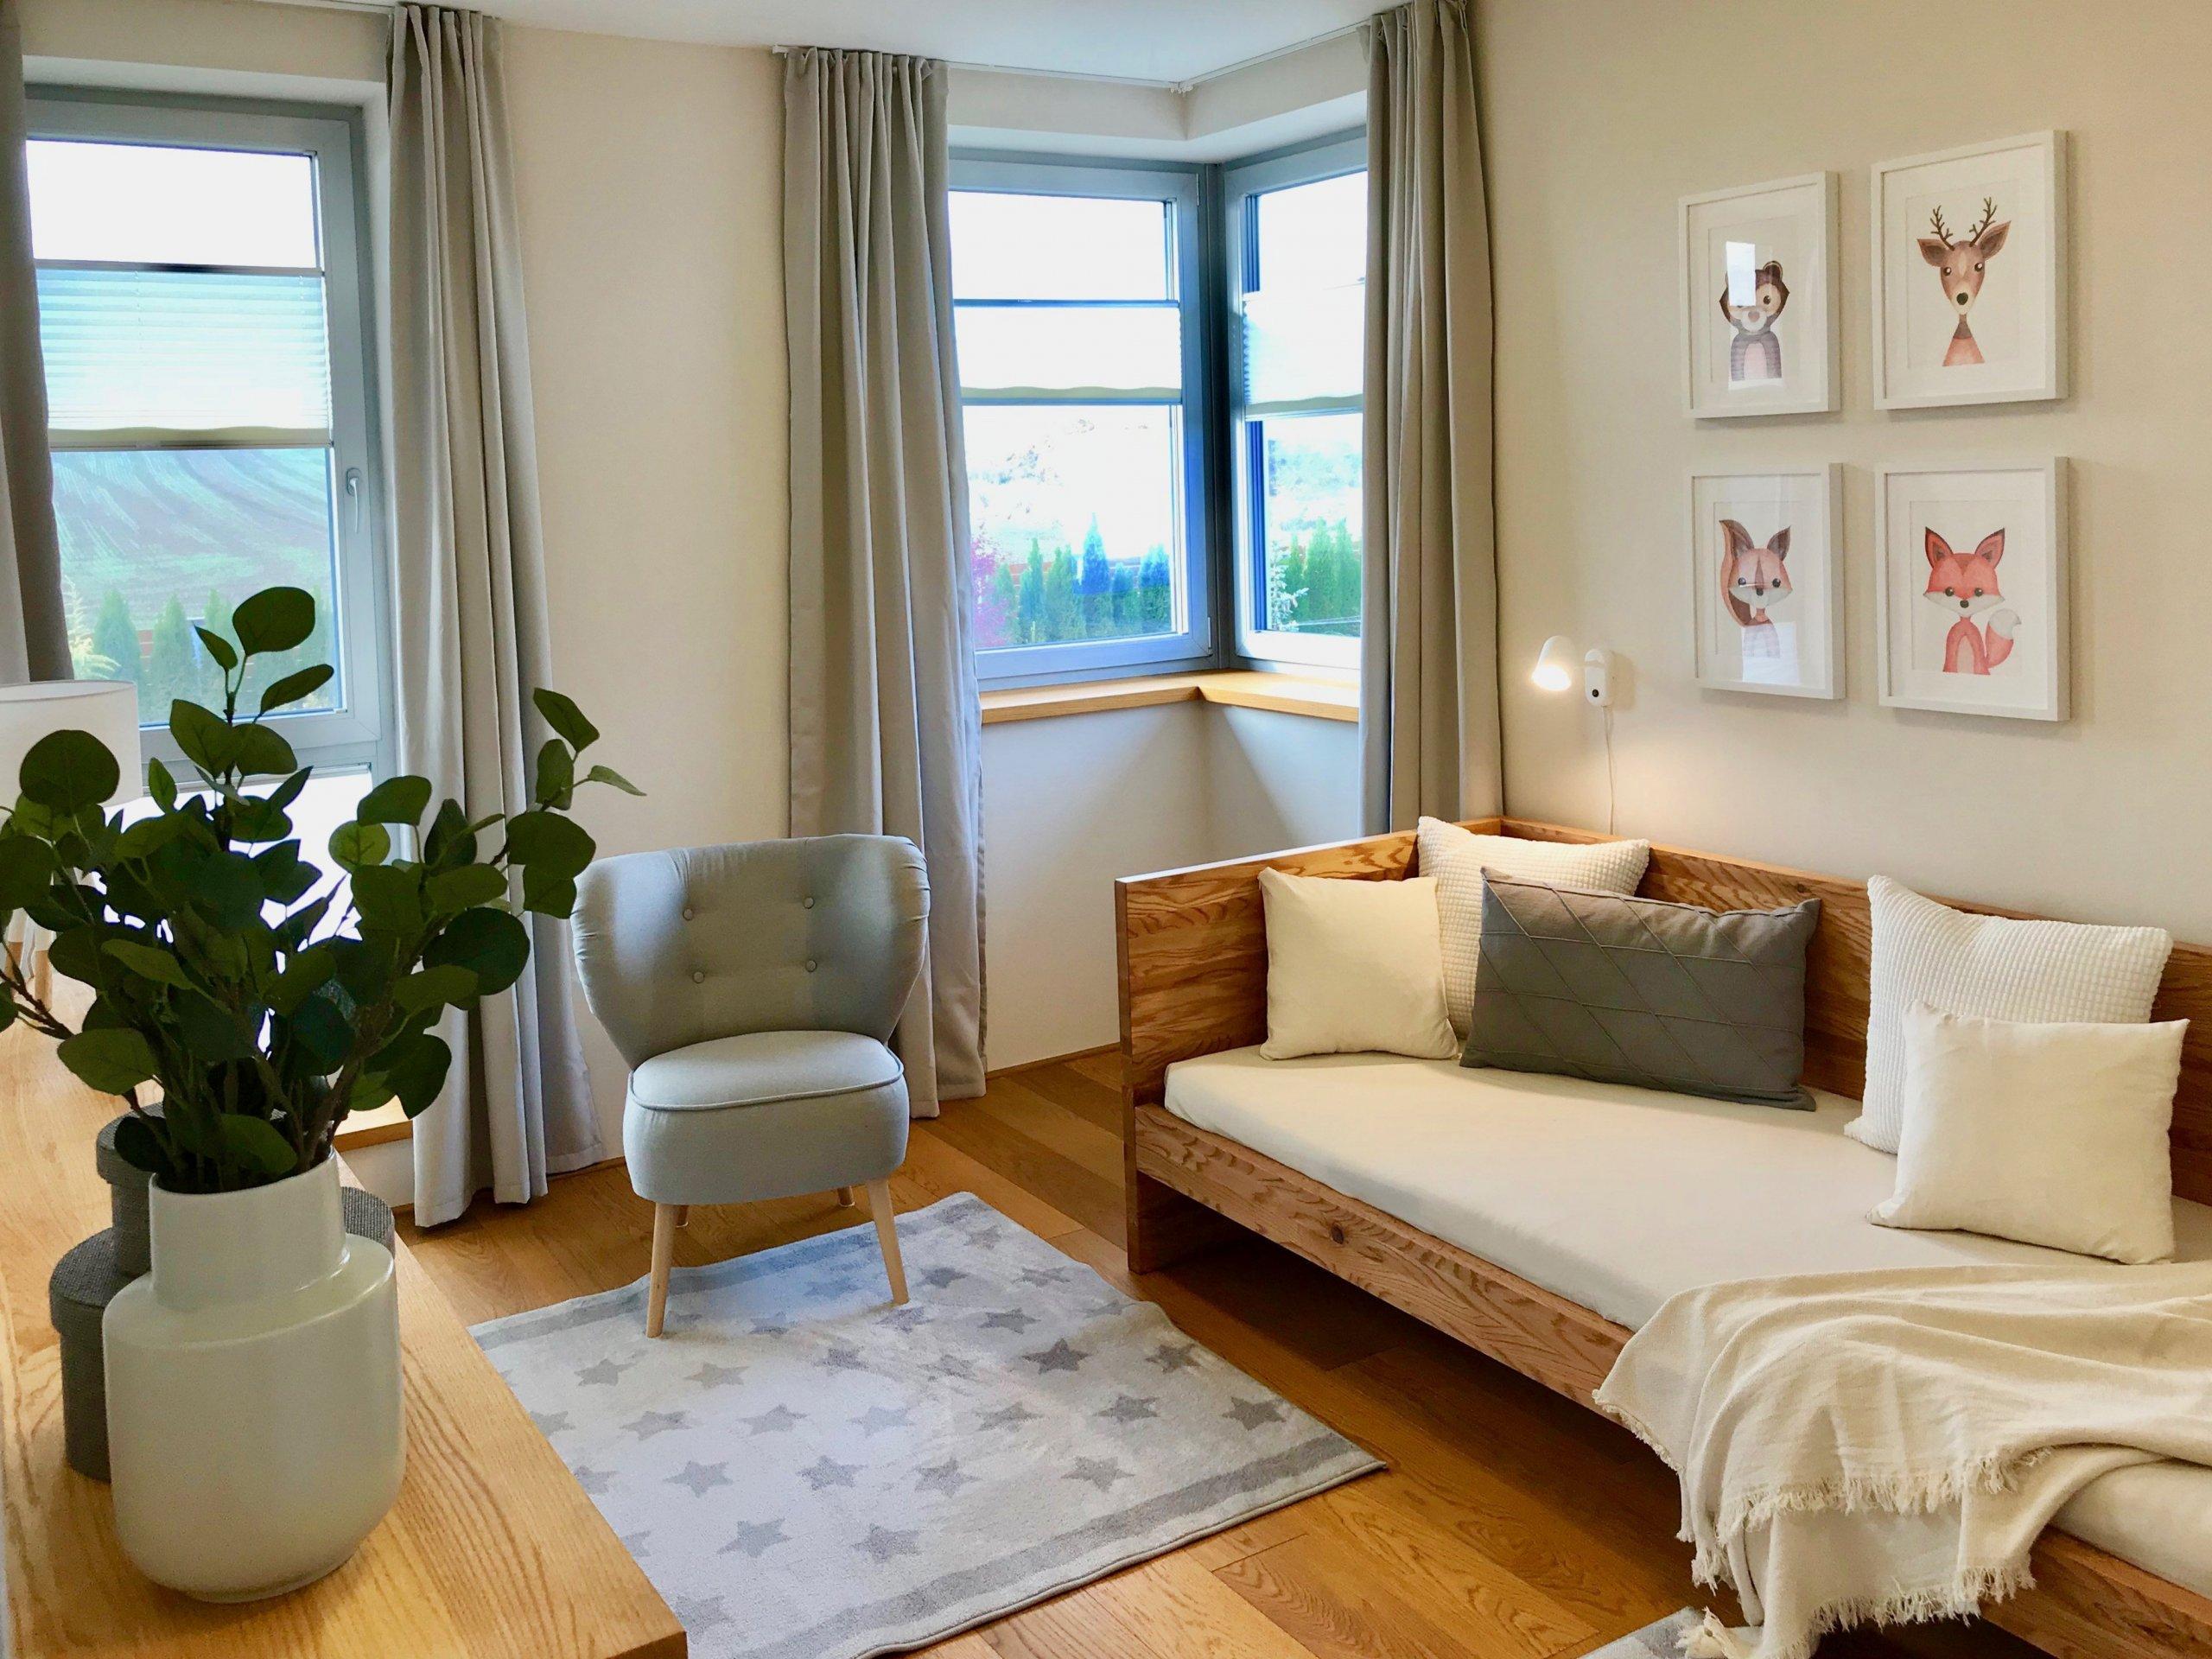 Dětský pokoj v neutrálních barvách má své výhody.Je sázkou na jistotu, barevné doplňky můžete snadno obměnit.. povlečení, koberečky,…